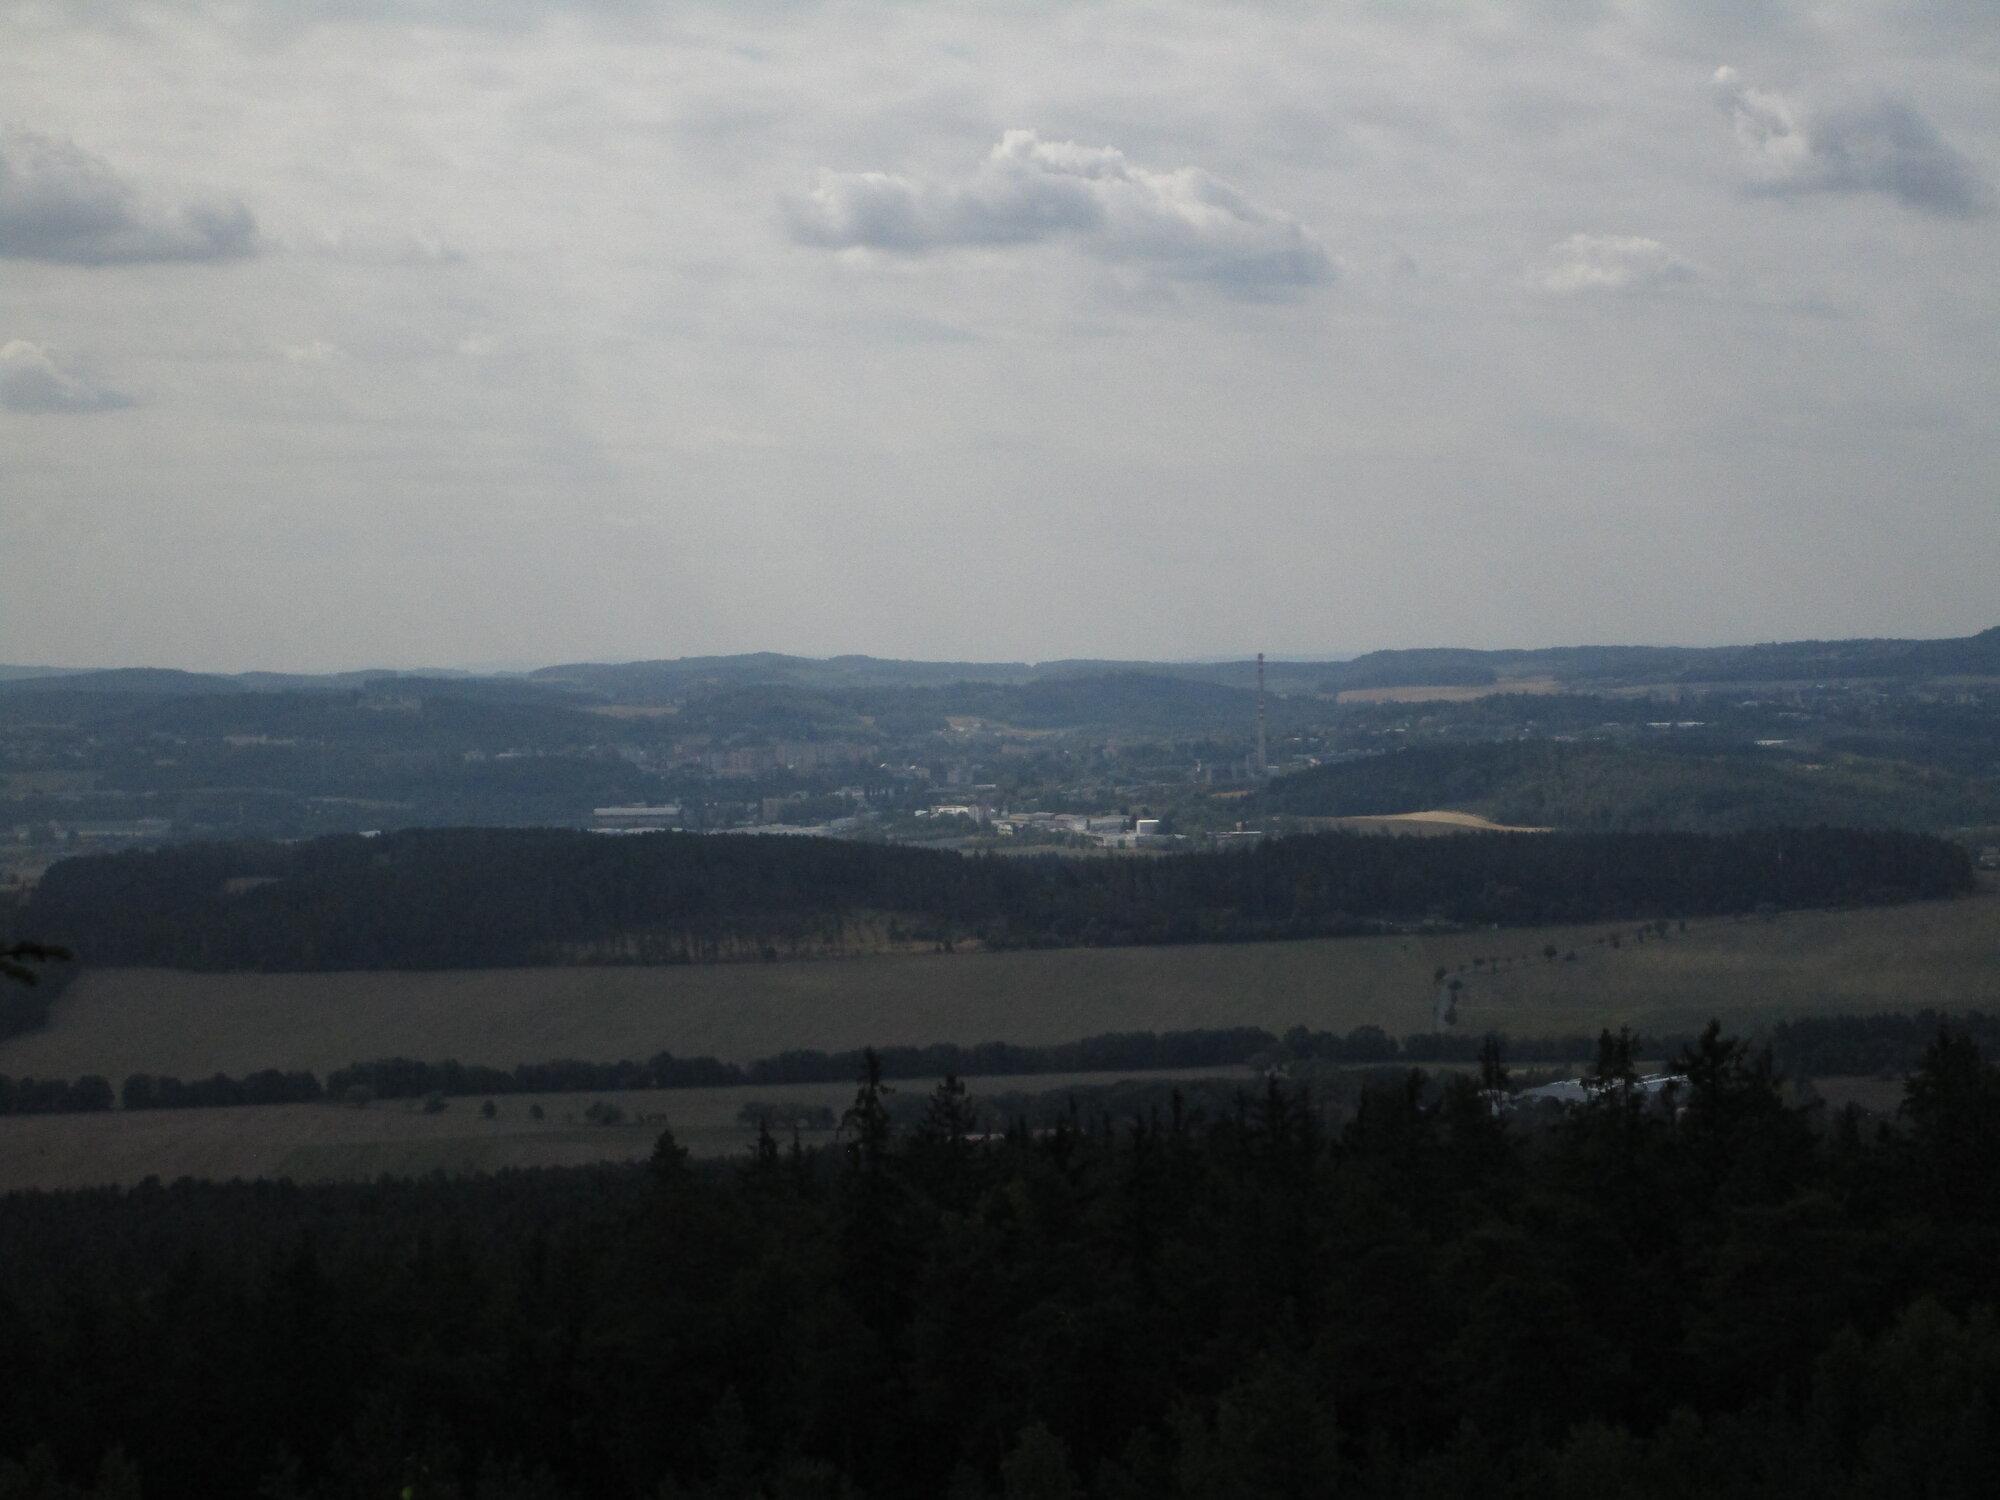 výhled z Kloučku na Příbram